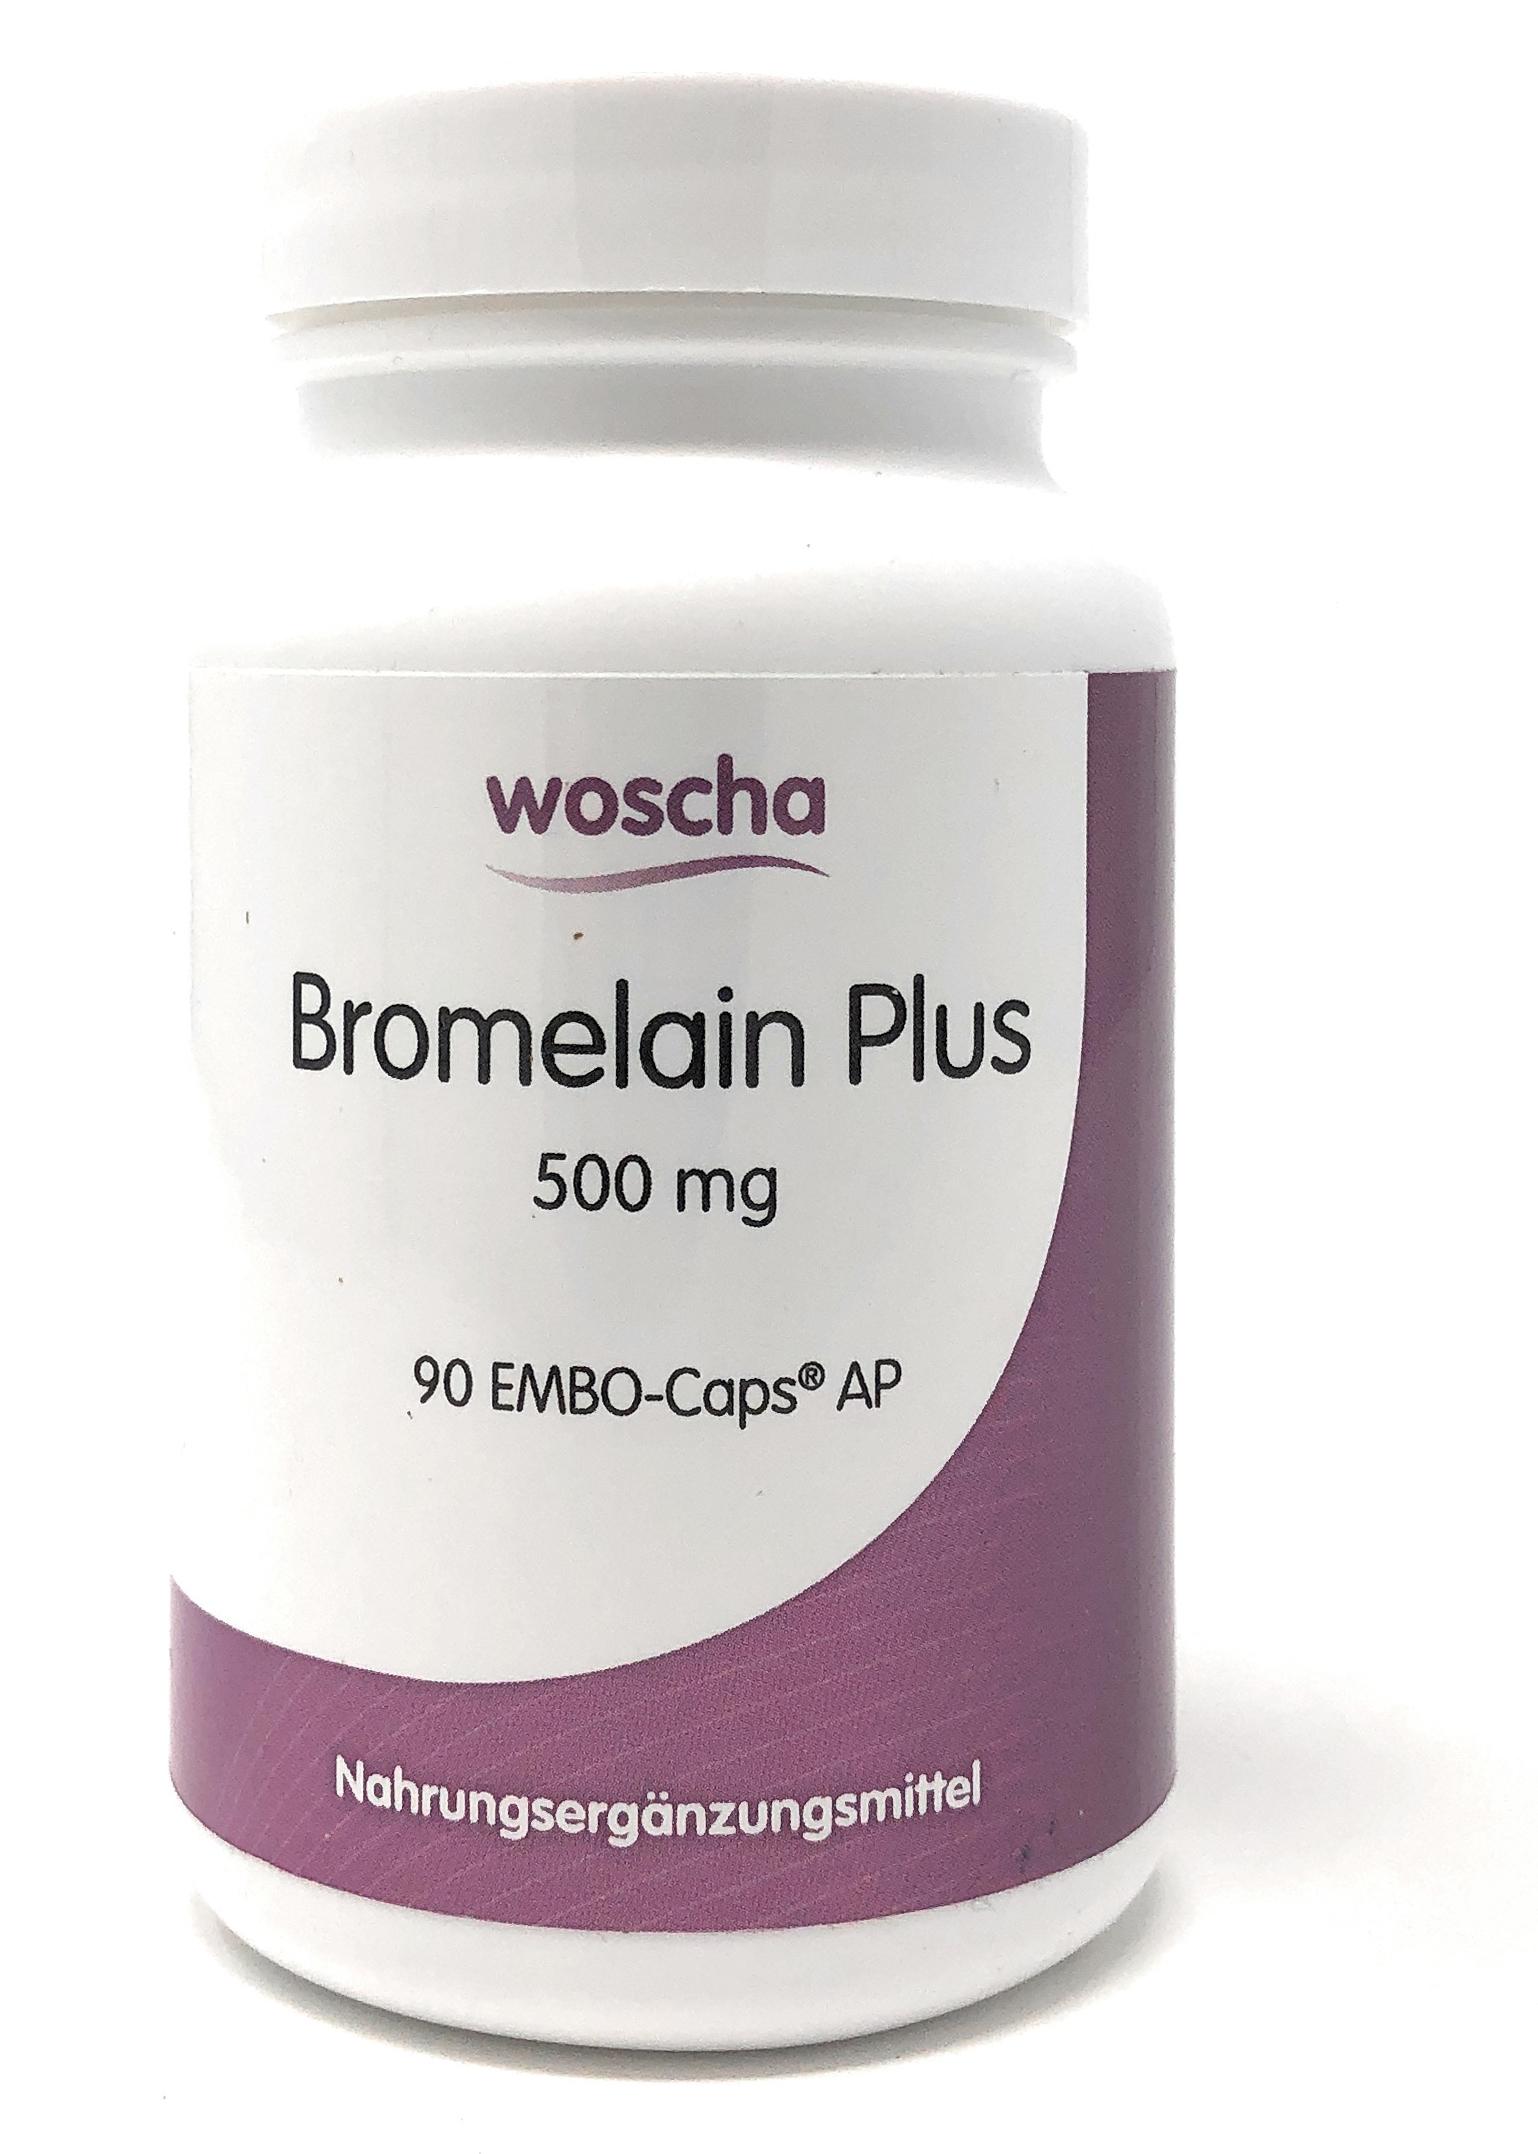 woscha Bromelain Plus 500 mg 90 Embo-Kaps AP (53g) (vegan)